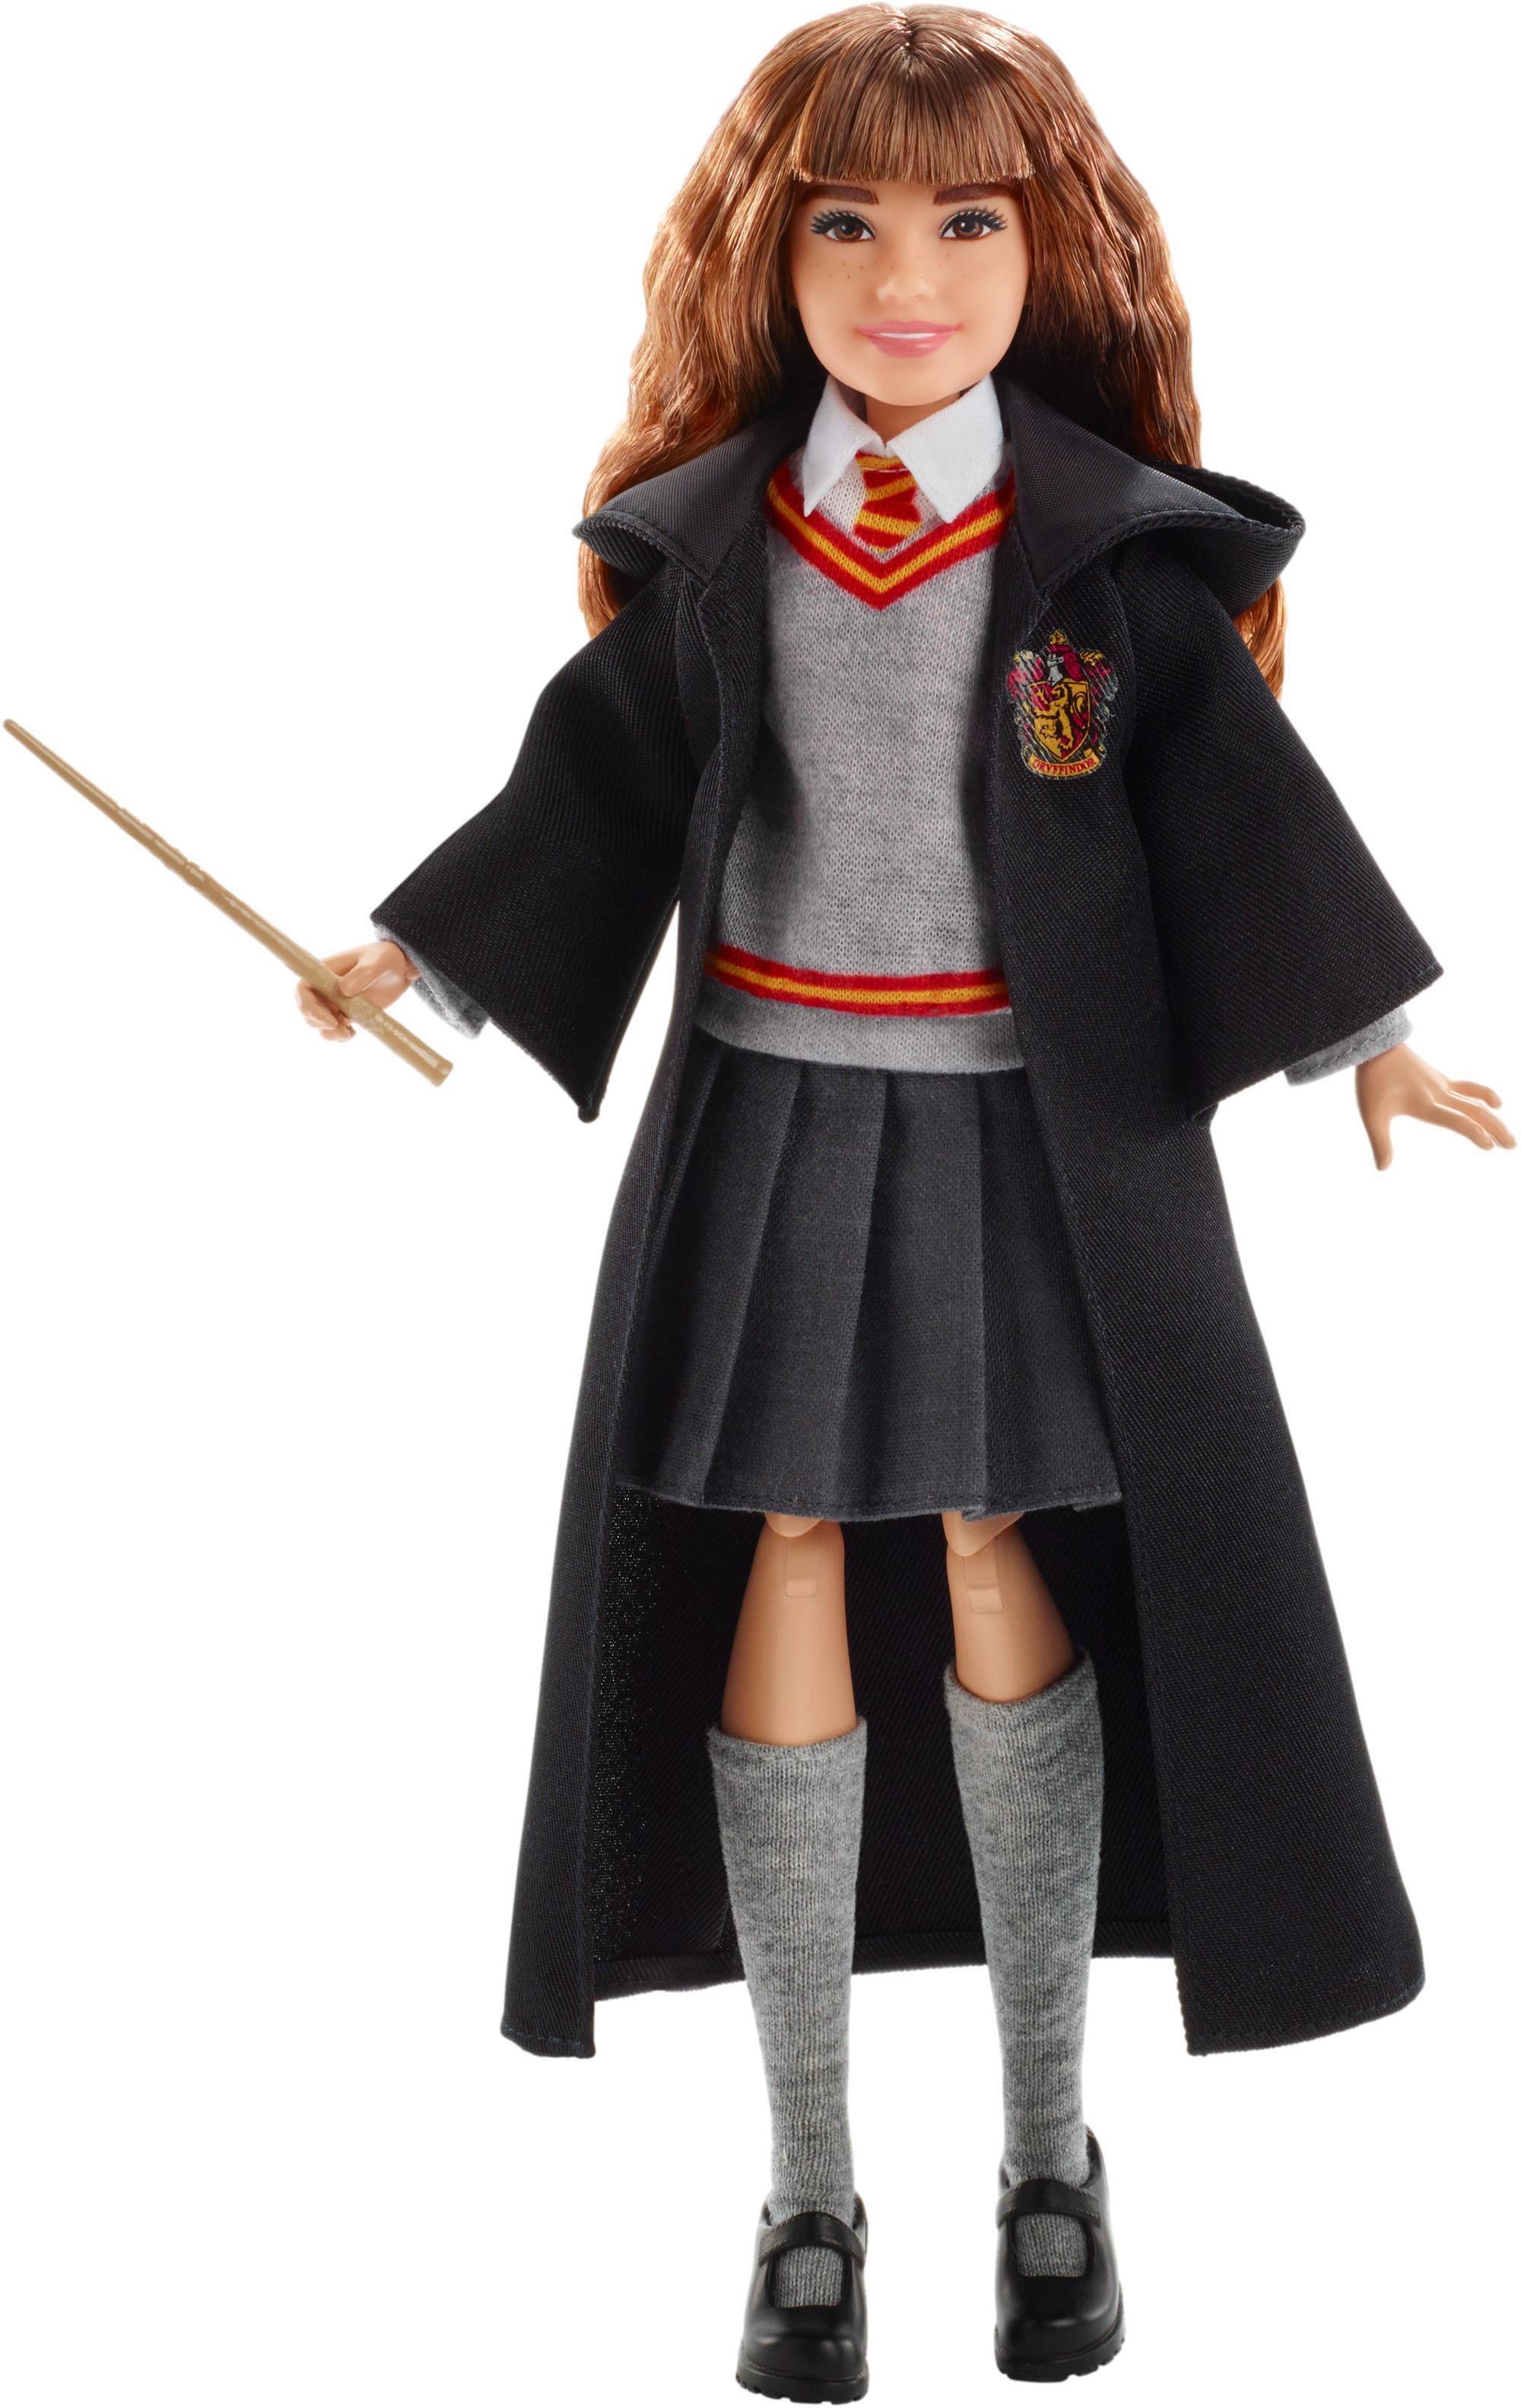 Mattel Puppe, »Harry Potter und Die Kammer des Schreckens - Hermine Granger Puppe« | Kinderzimmer > Spielzeuge > Puppen | Mehrfarbig | MATTEL